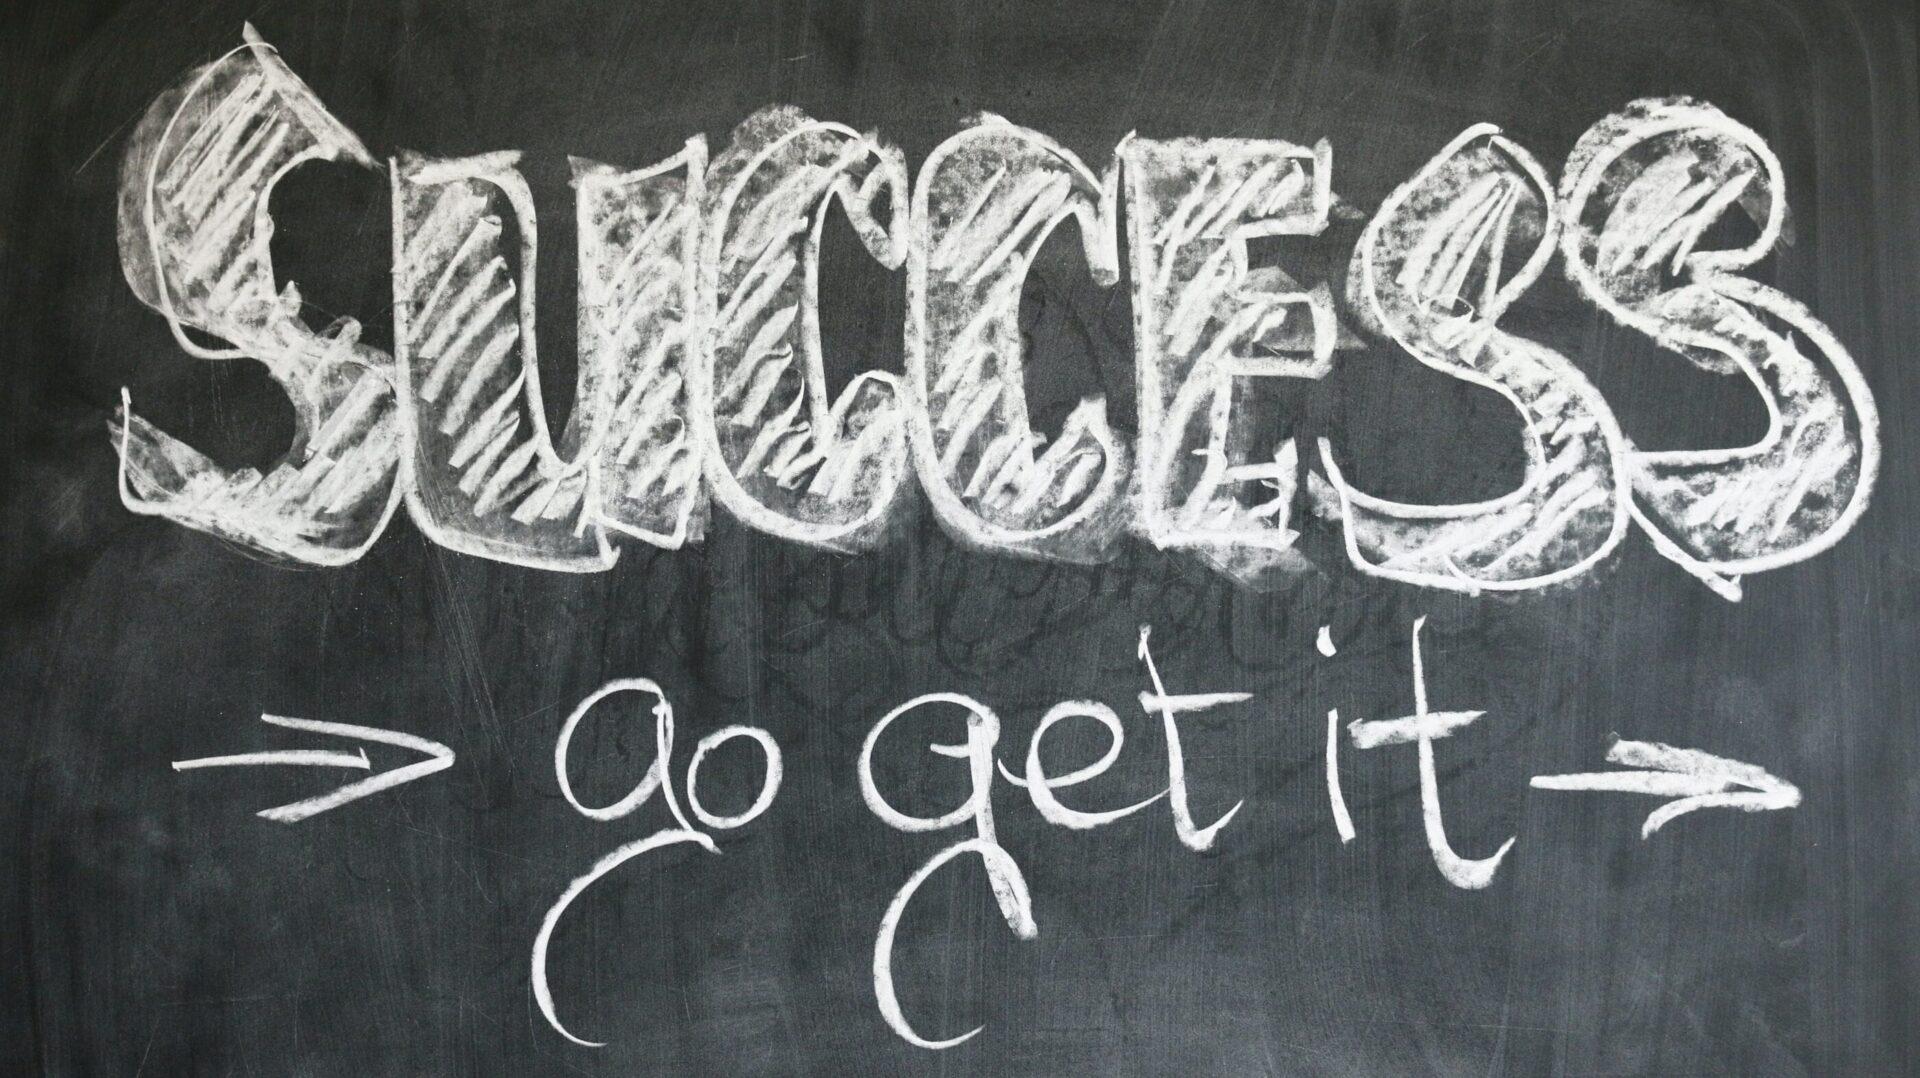 Success...go get it